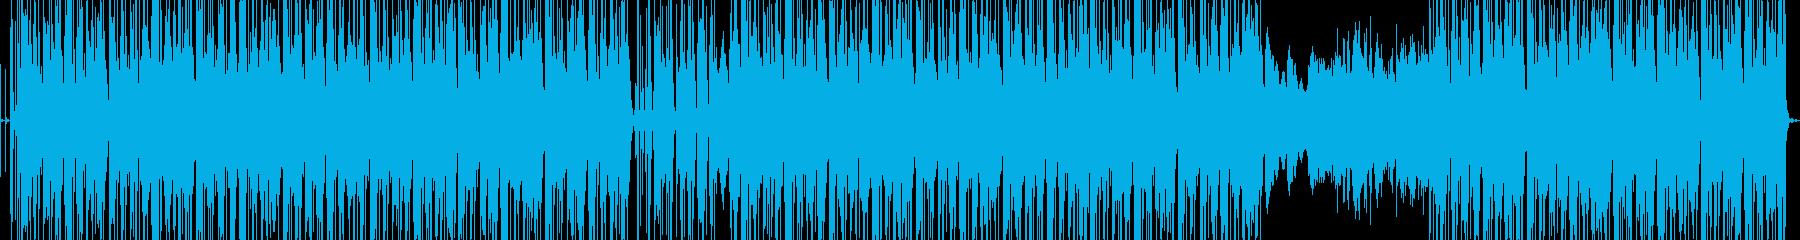 ファンク ブルース Hip-hop...の再生済みの波形